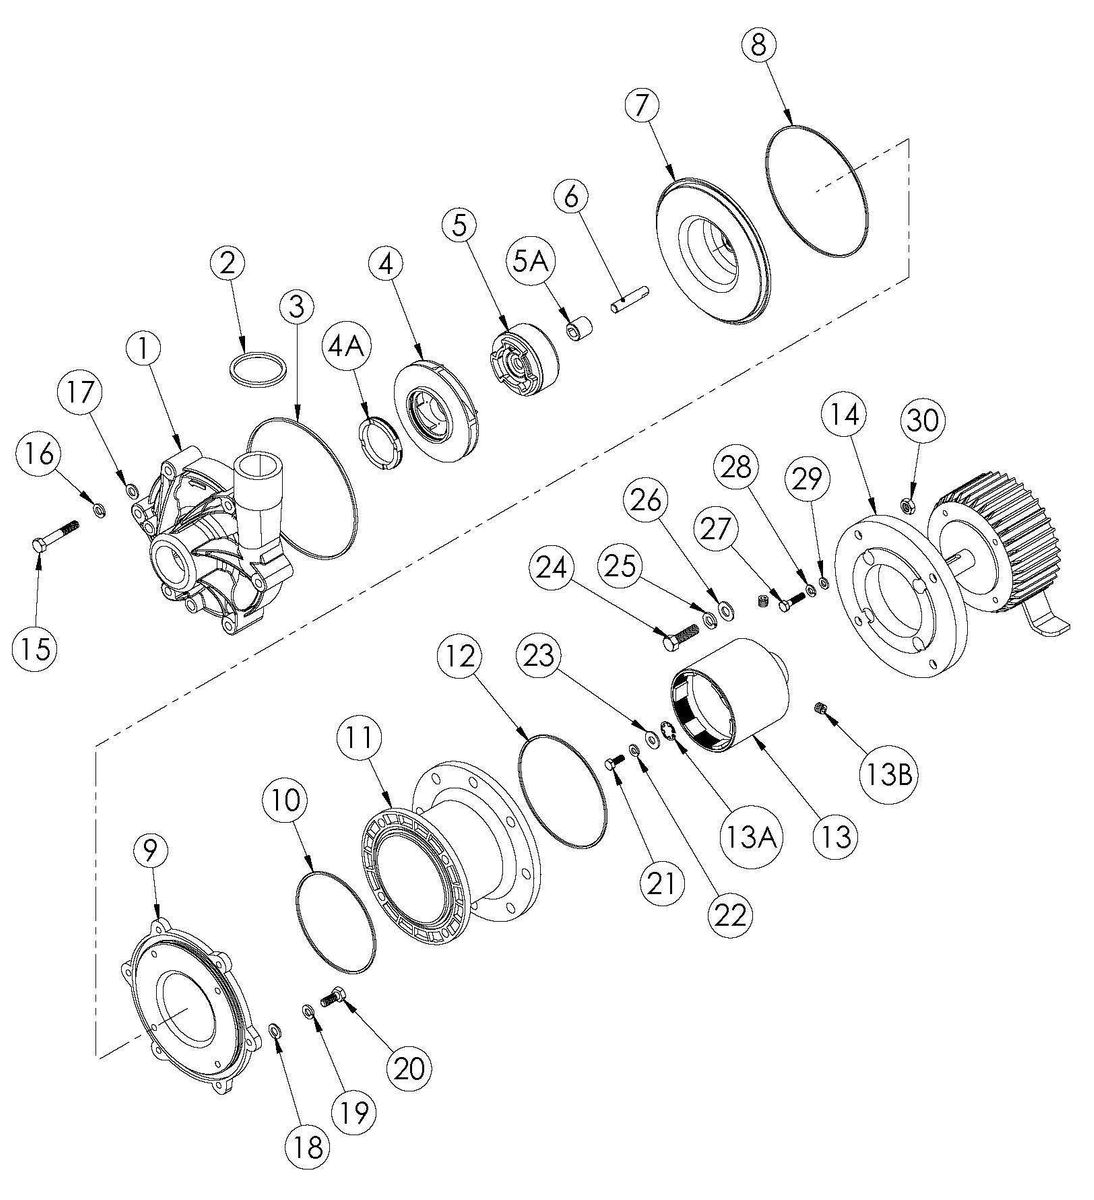 DB6-10 Exp View- Parts List